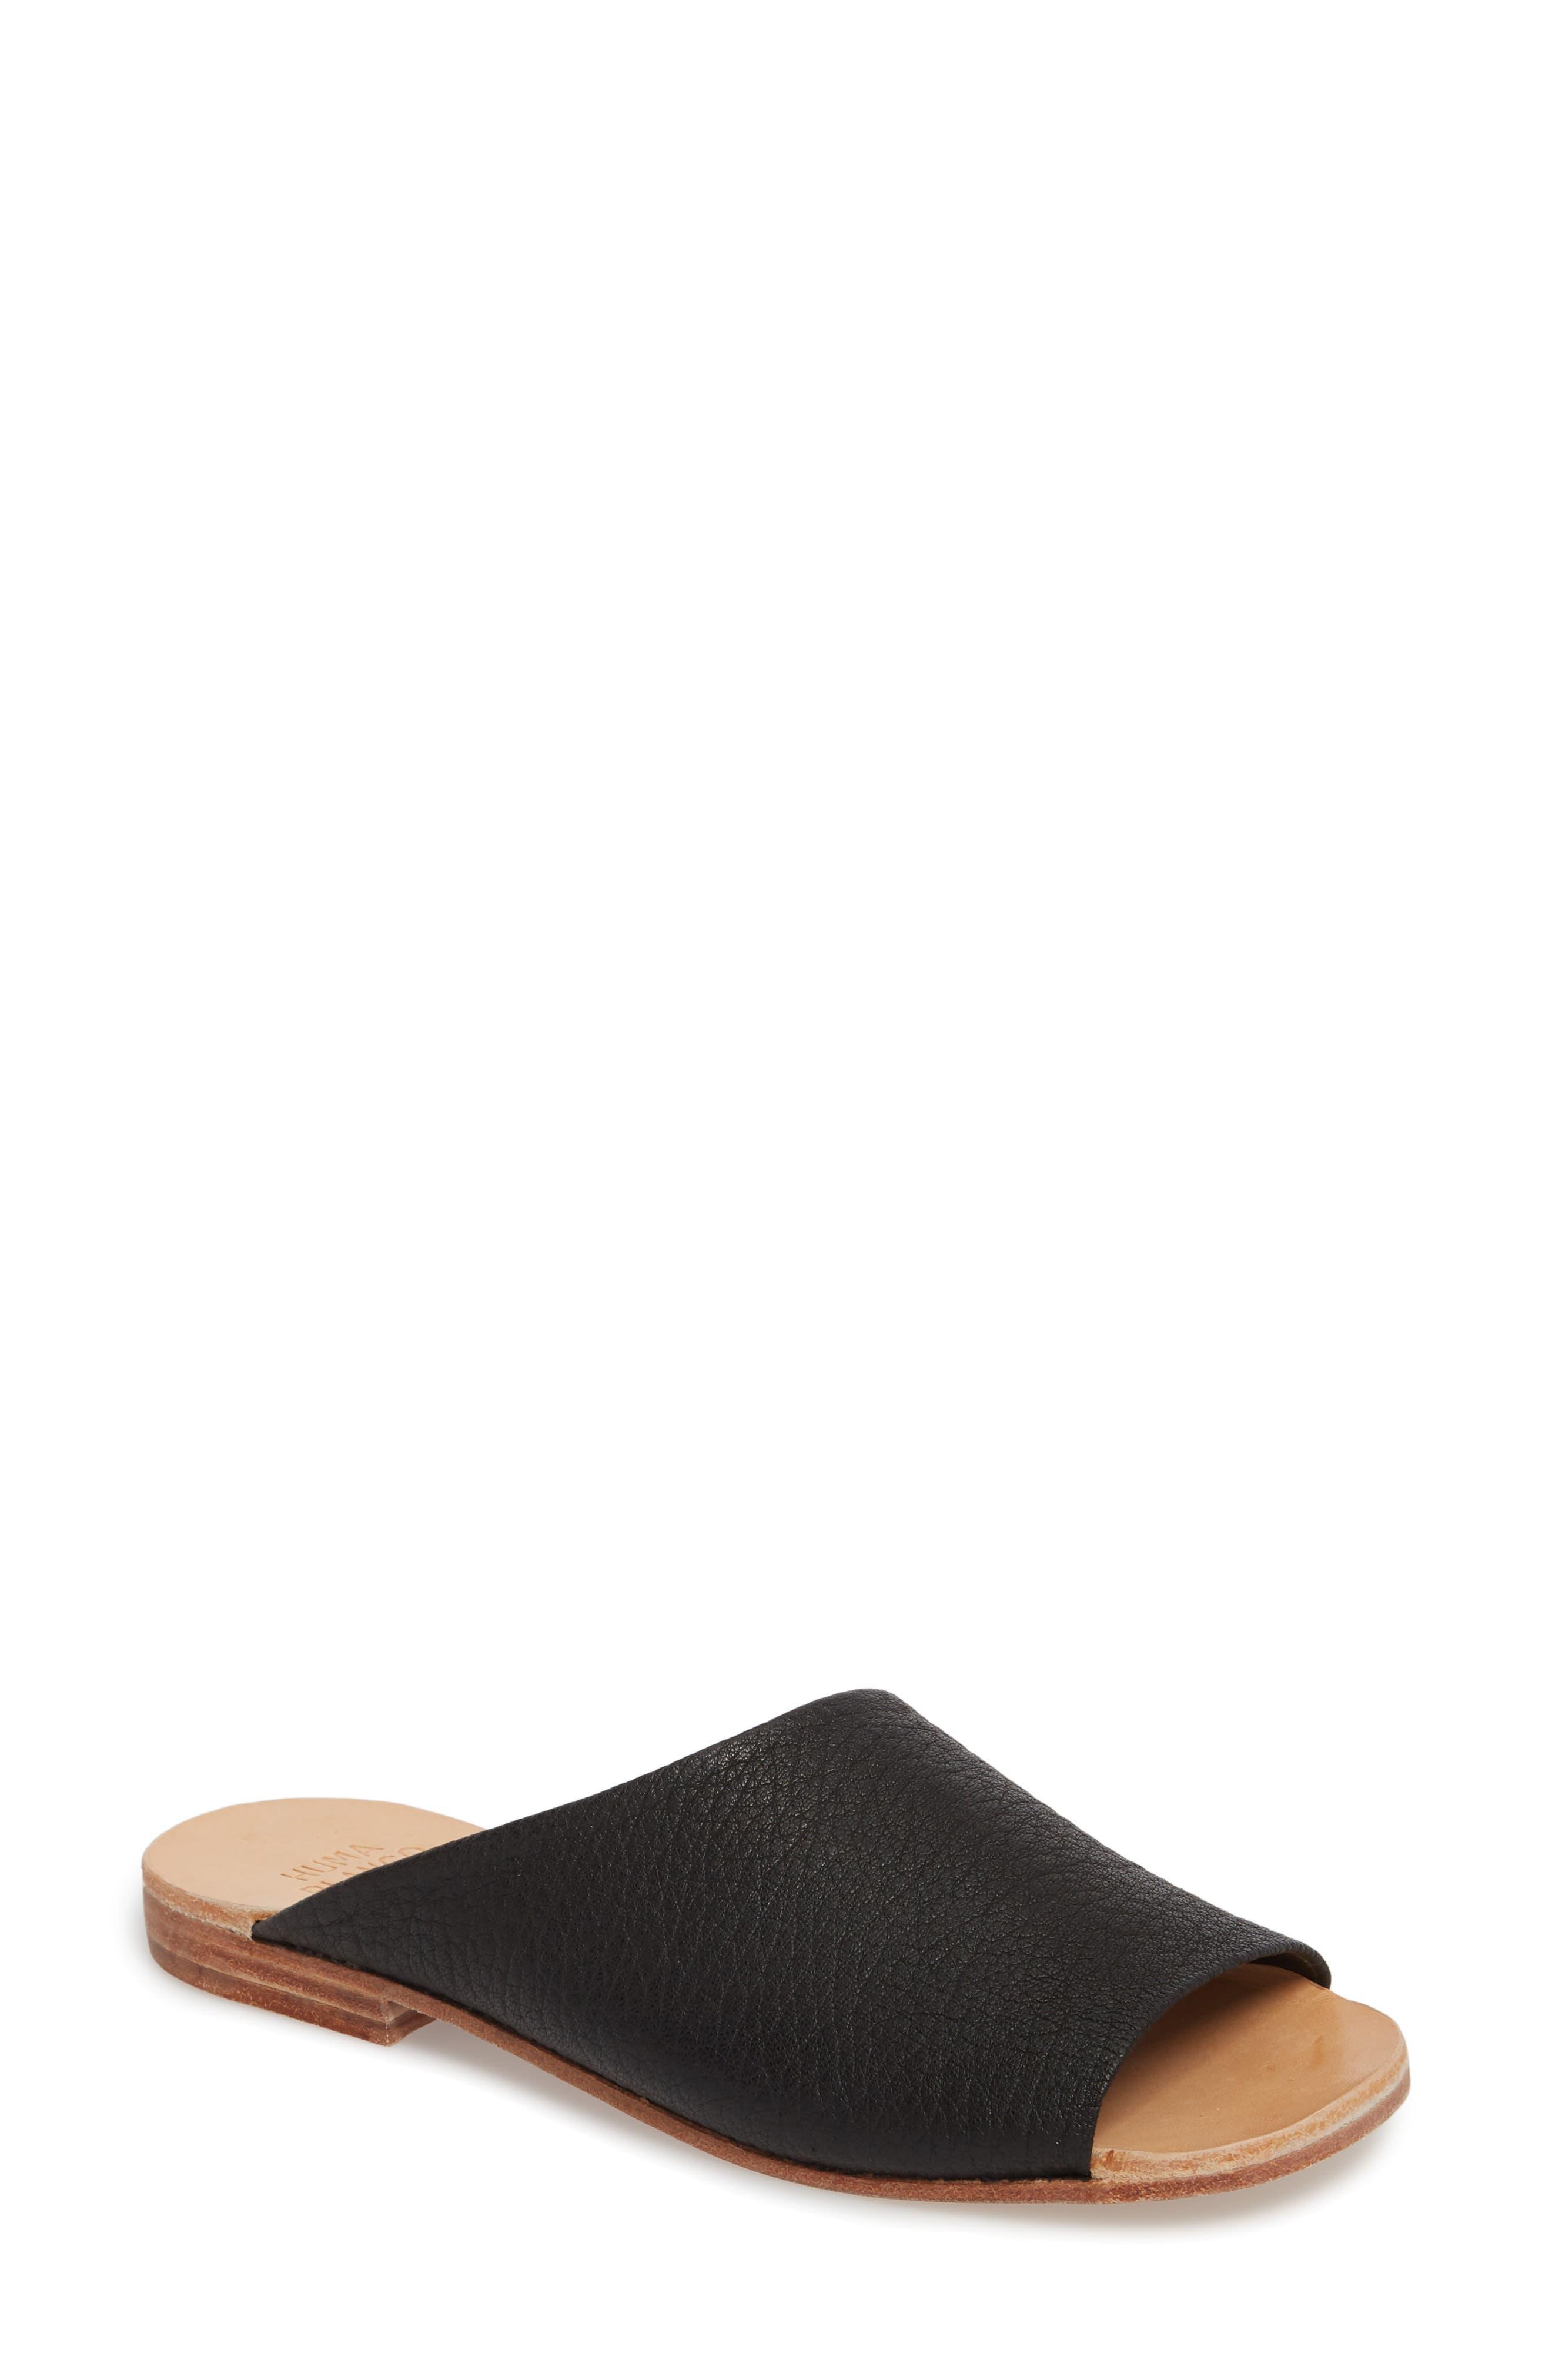 Esperanza Slide Sandal,                             Main thumbnail 1, color,                             Coal Leather